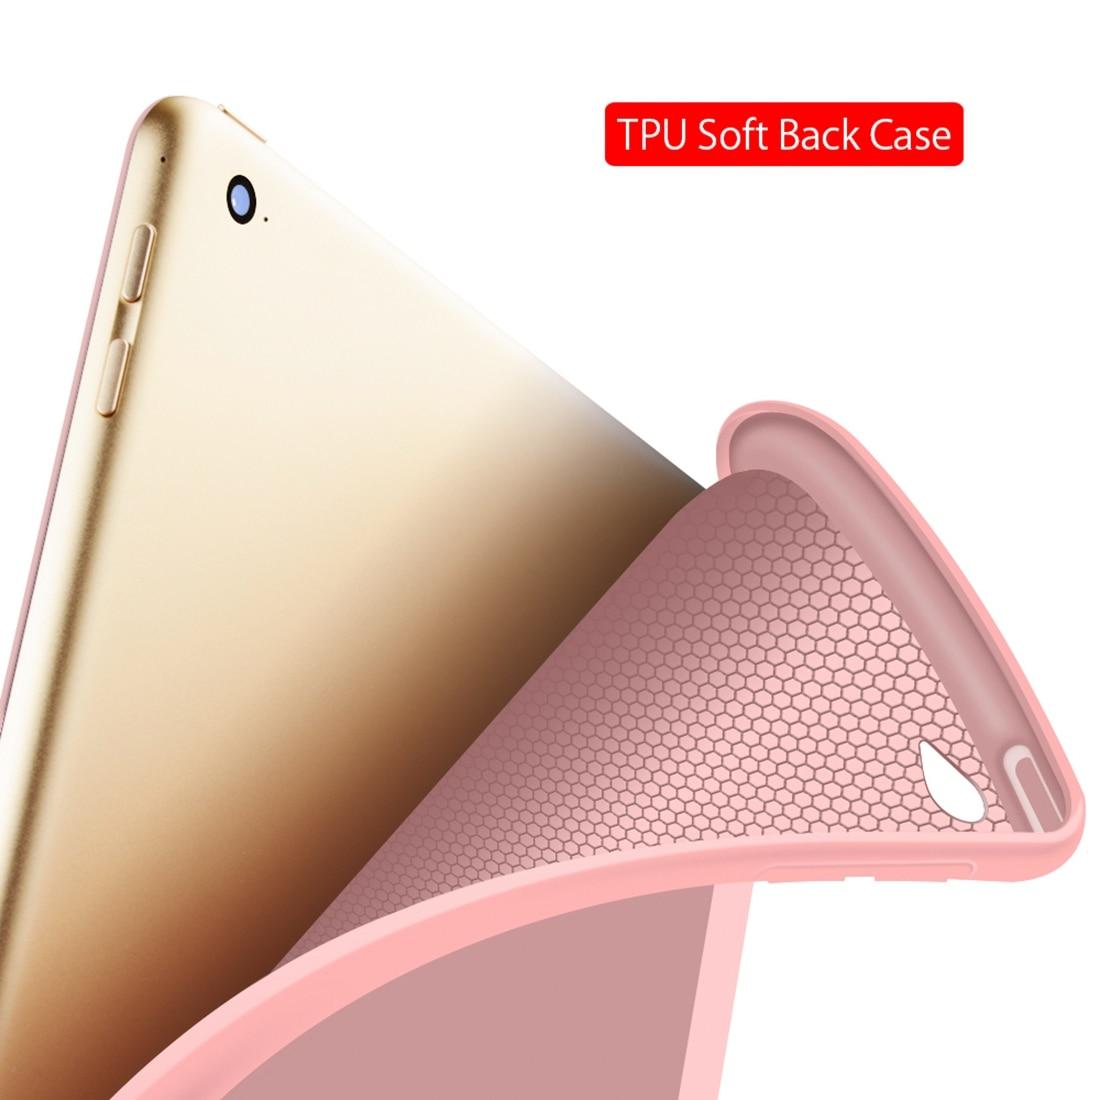 Für iPad Air 2 Air 1 Hülle 2018 9.7 Funda Silicone Soft Back 2017 - Tablet-Zubehör - Foto 5